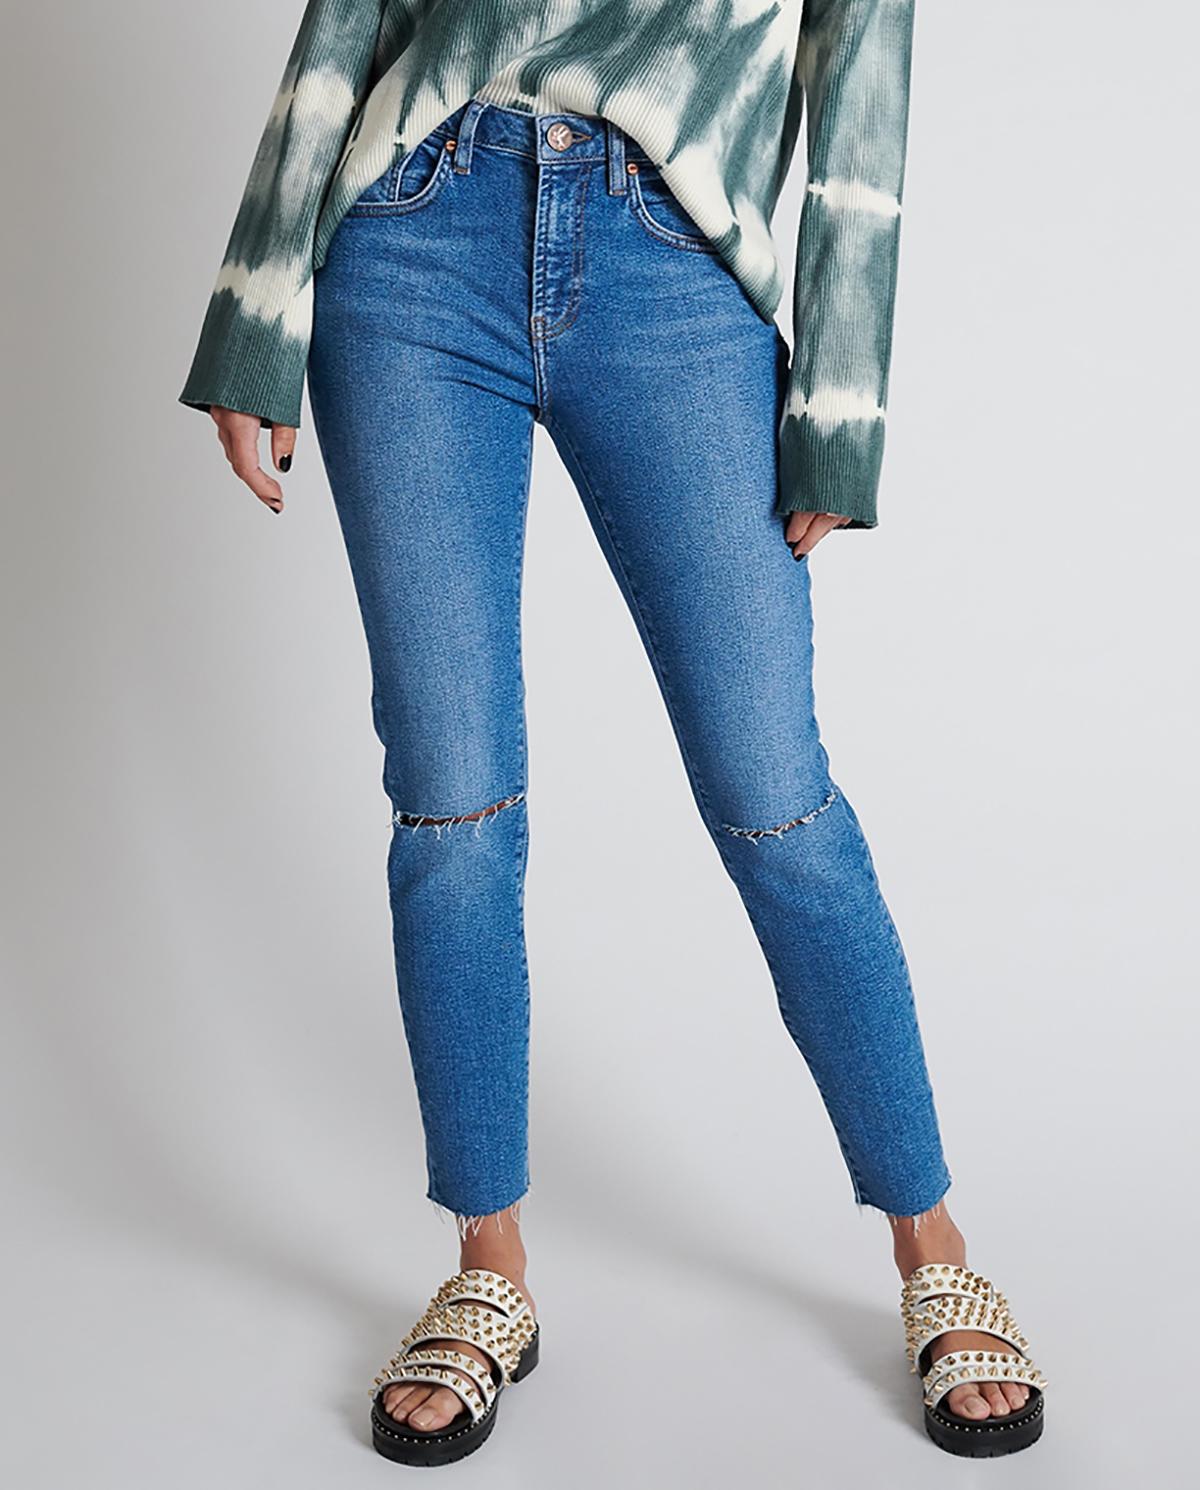 Damskie jeansy Freebirds II oneteaspoon 22598 MIAMI BLUE